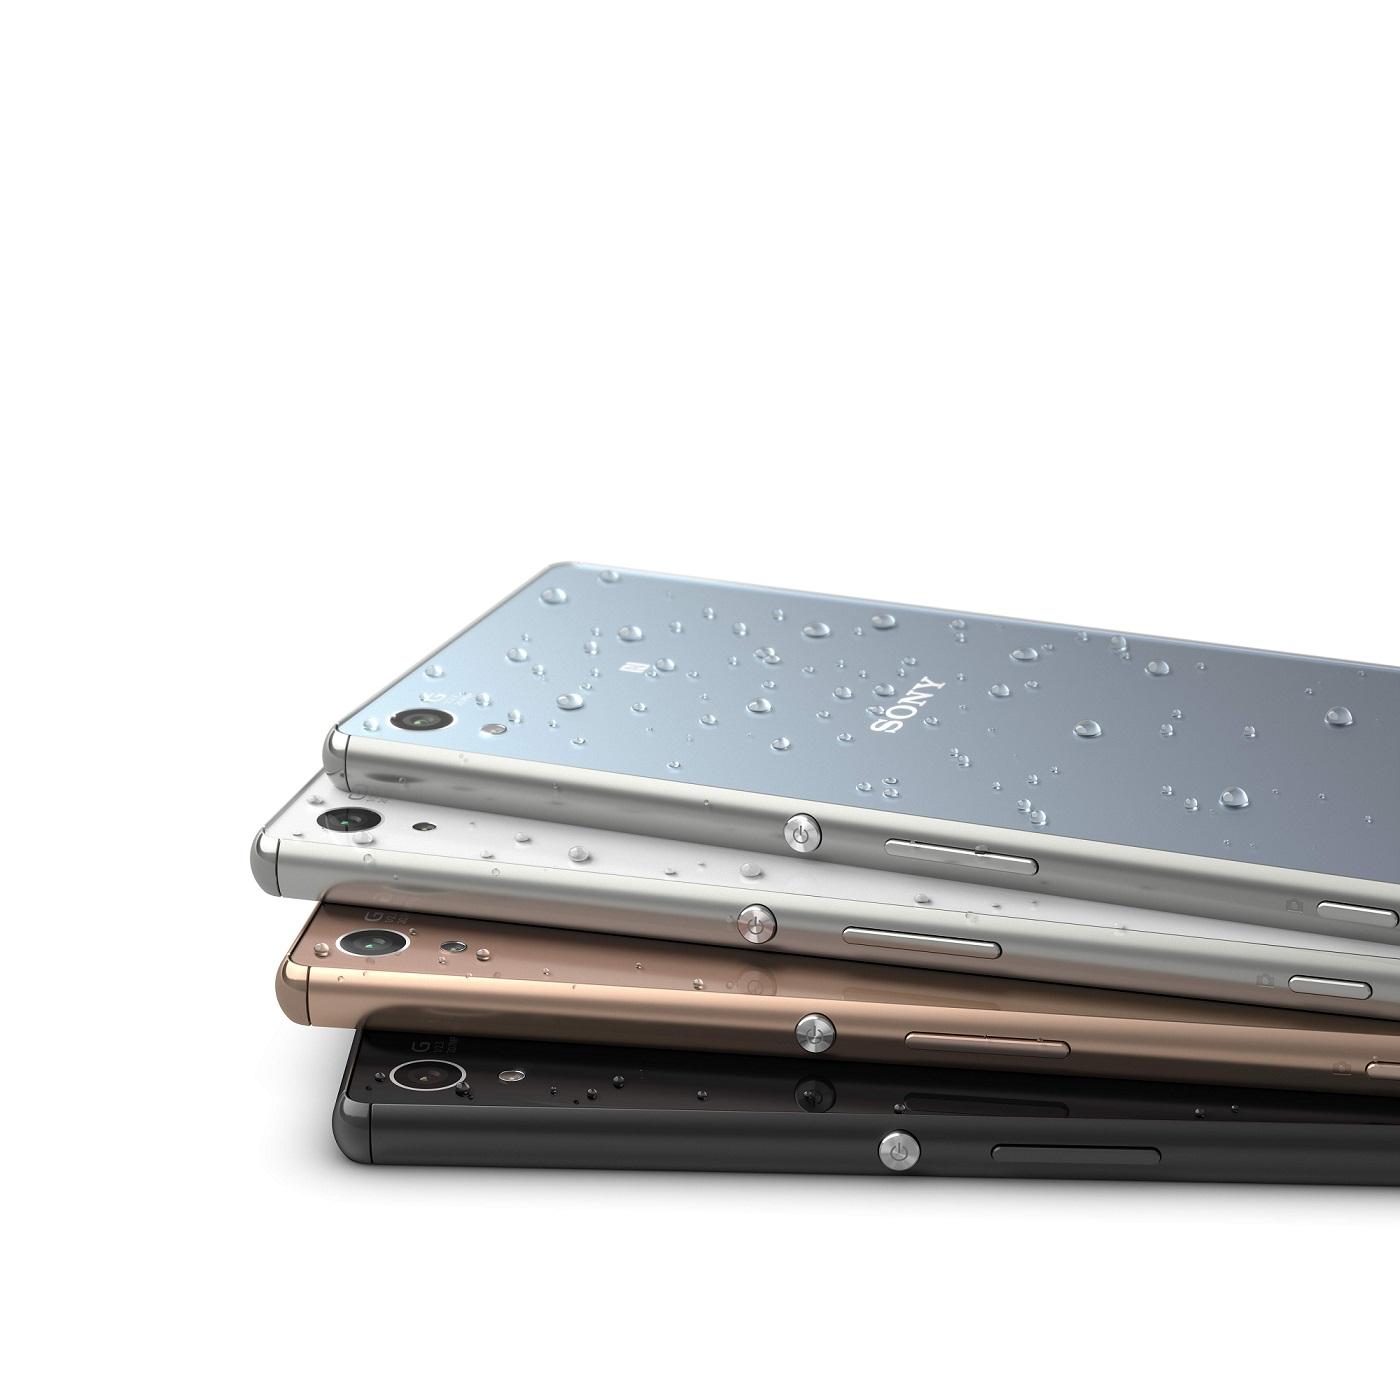 멀티미디어 스마트폰: 소니 엑스페리아 Z3 플러스(Xperia™ Z3+)